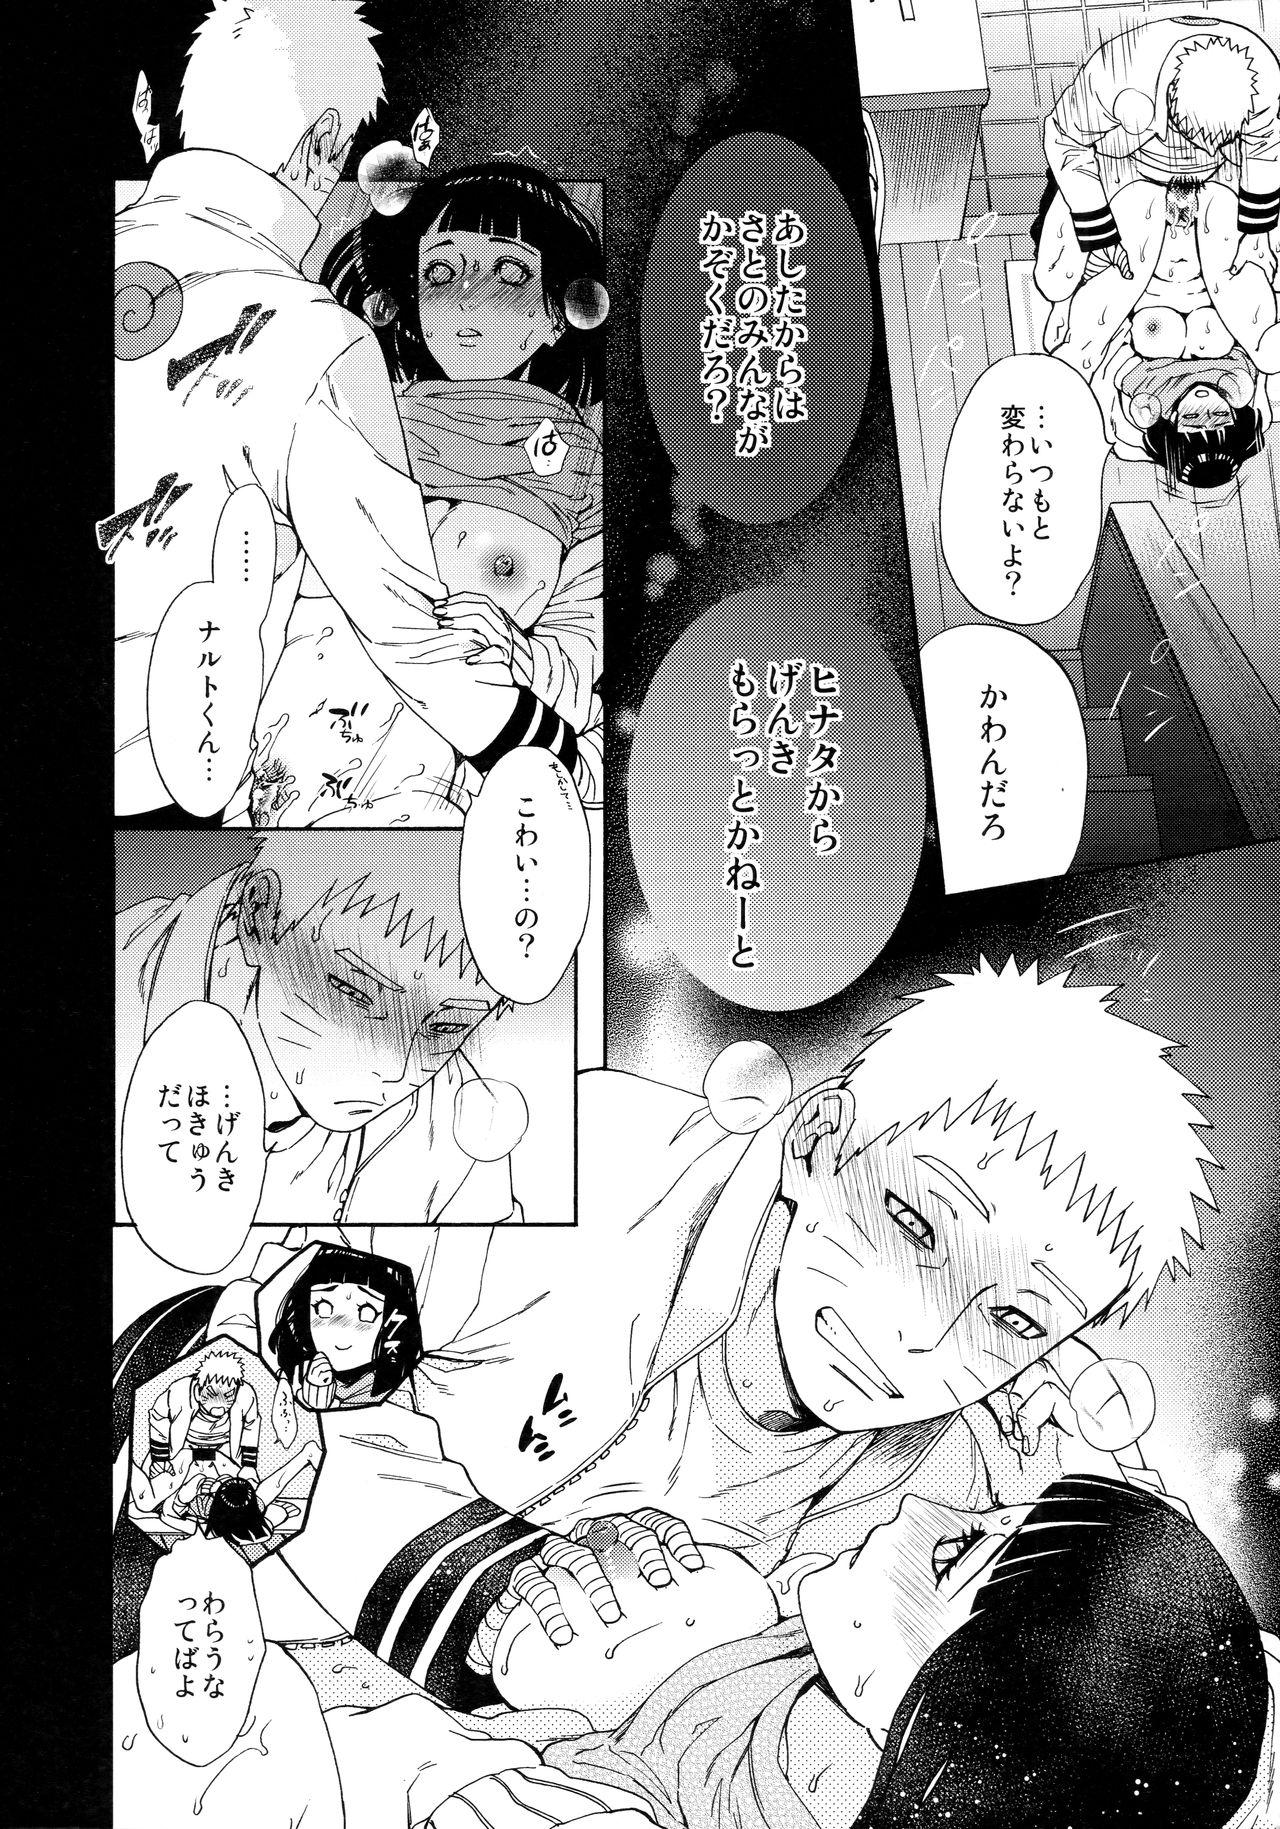 Yoru no Hanashi - Night Story 8